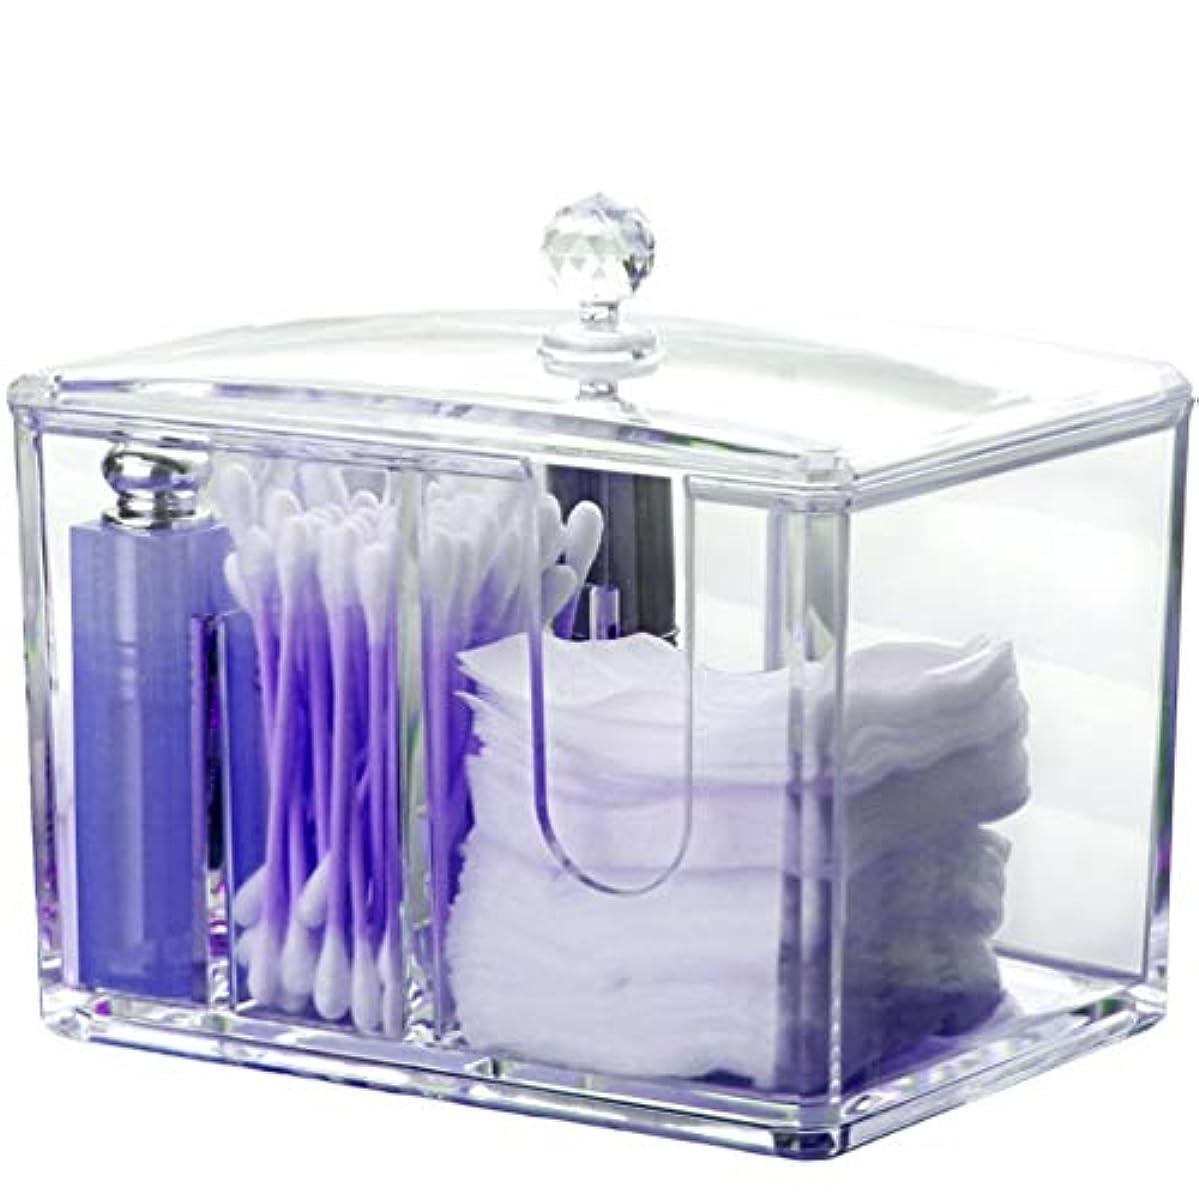 手段すぐにマークされたAnberotta コスメボックス メイクボックス 化粧品収納ケース 防塵 蓋付き ジュエリー コットン 綿棒 透明 小物入れ 大容量 J73 (タイプA)